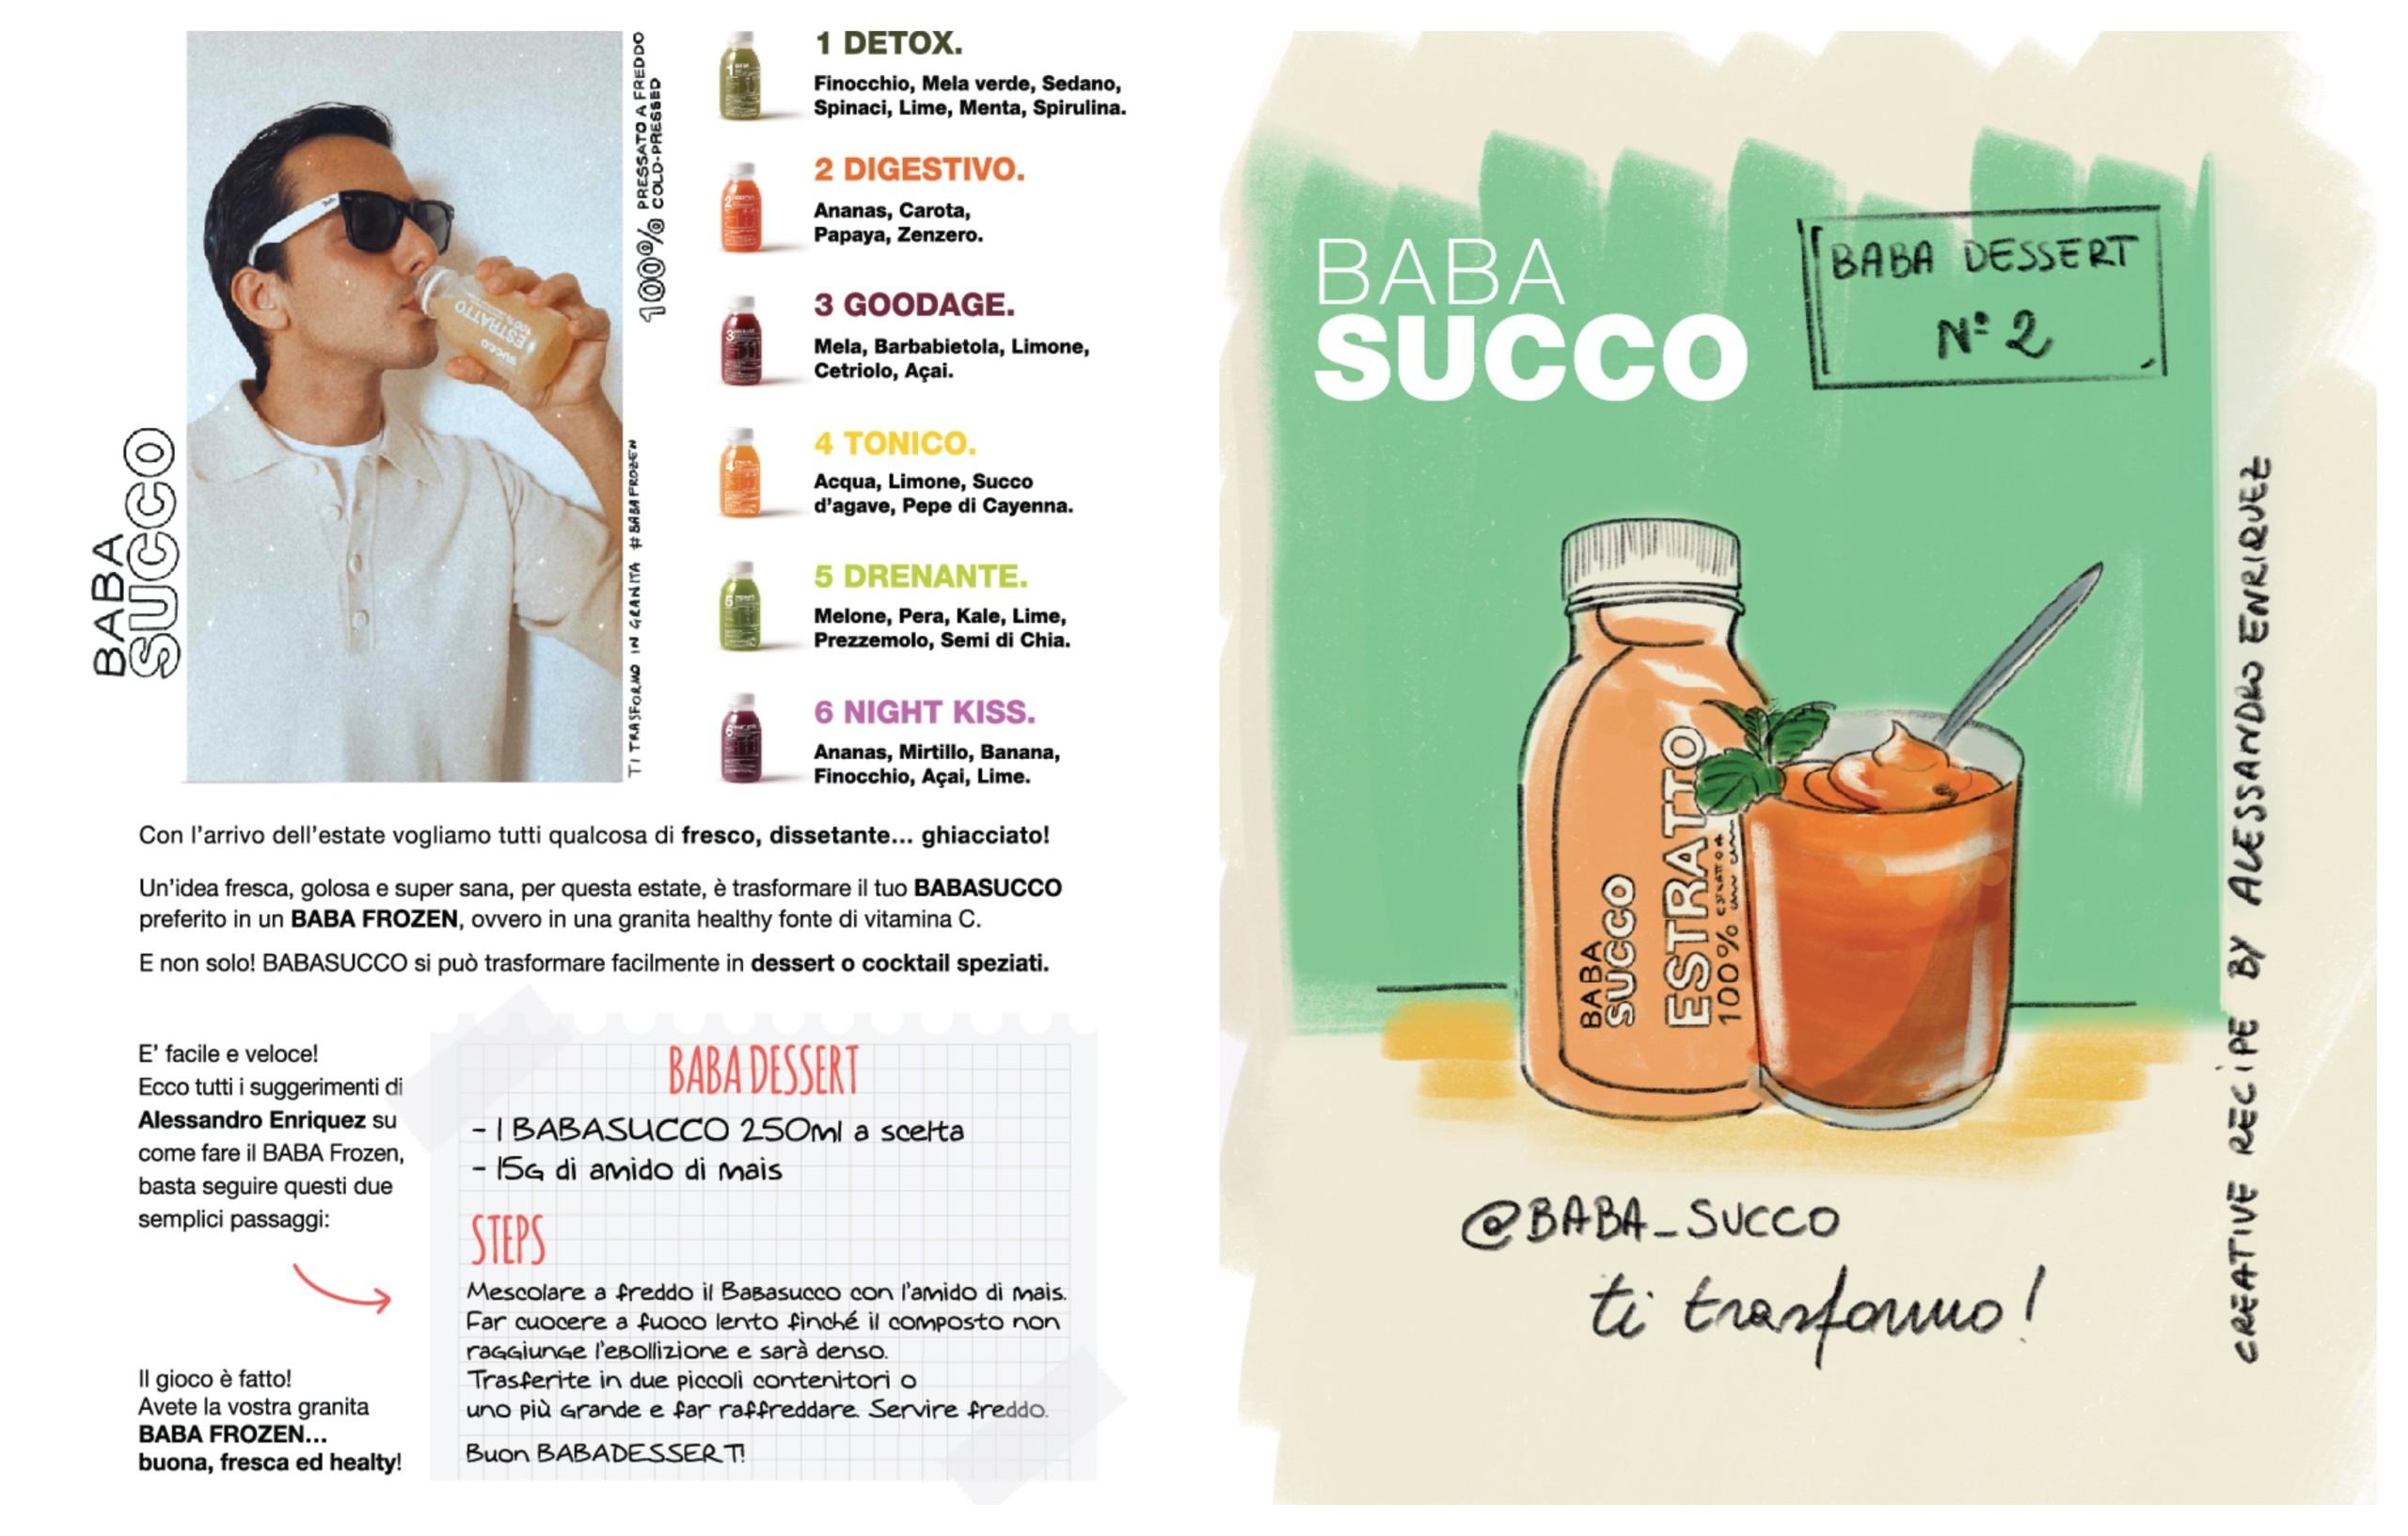 Babasucco Dessert Alessandro Enriquez